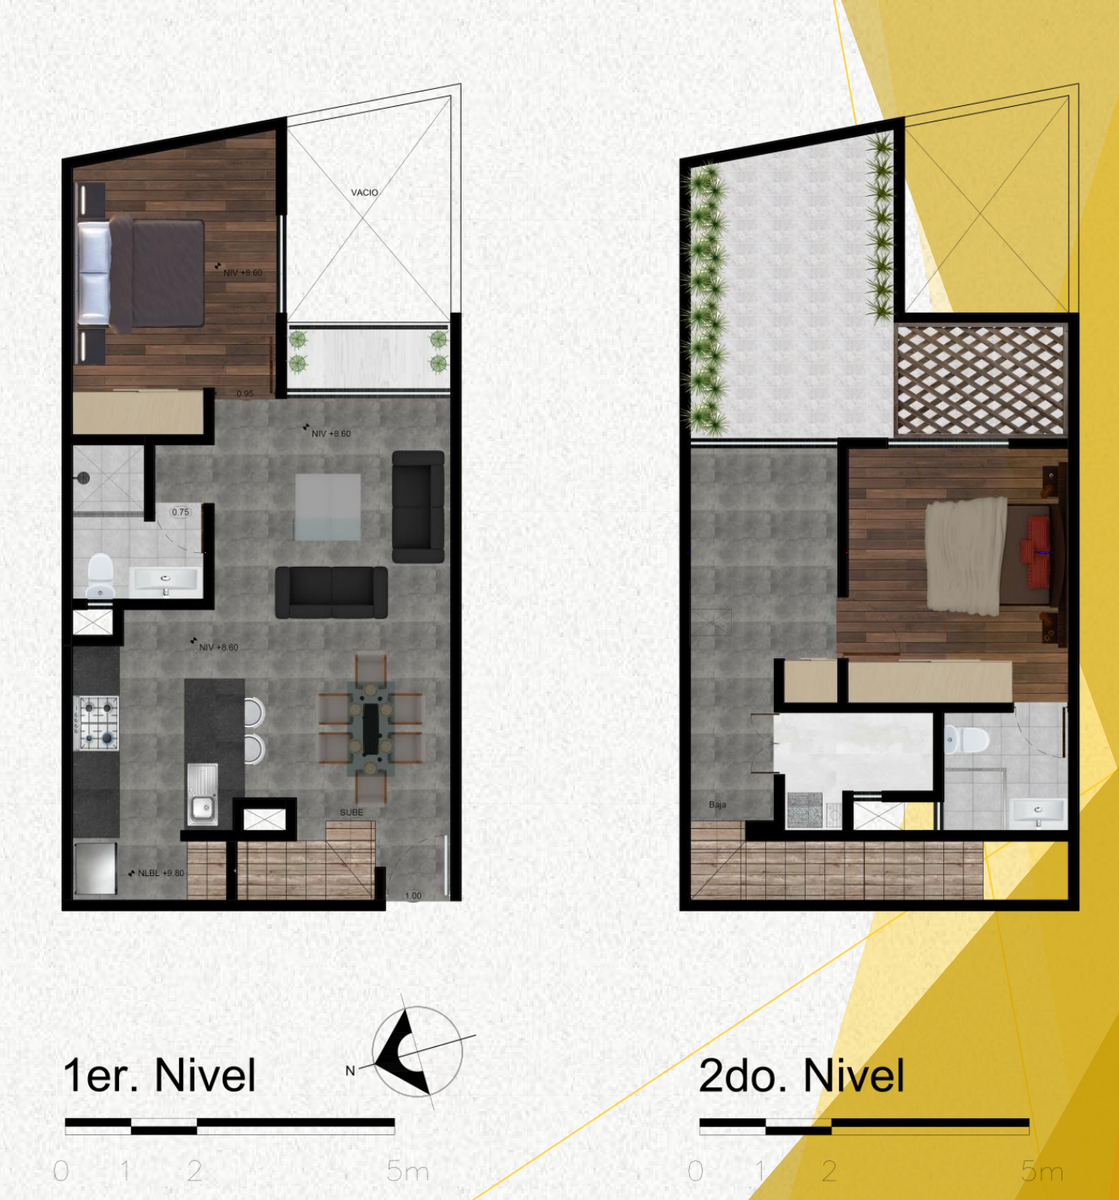 11 de 11: Planta arquitectónica de los 2 niveles